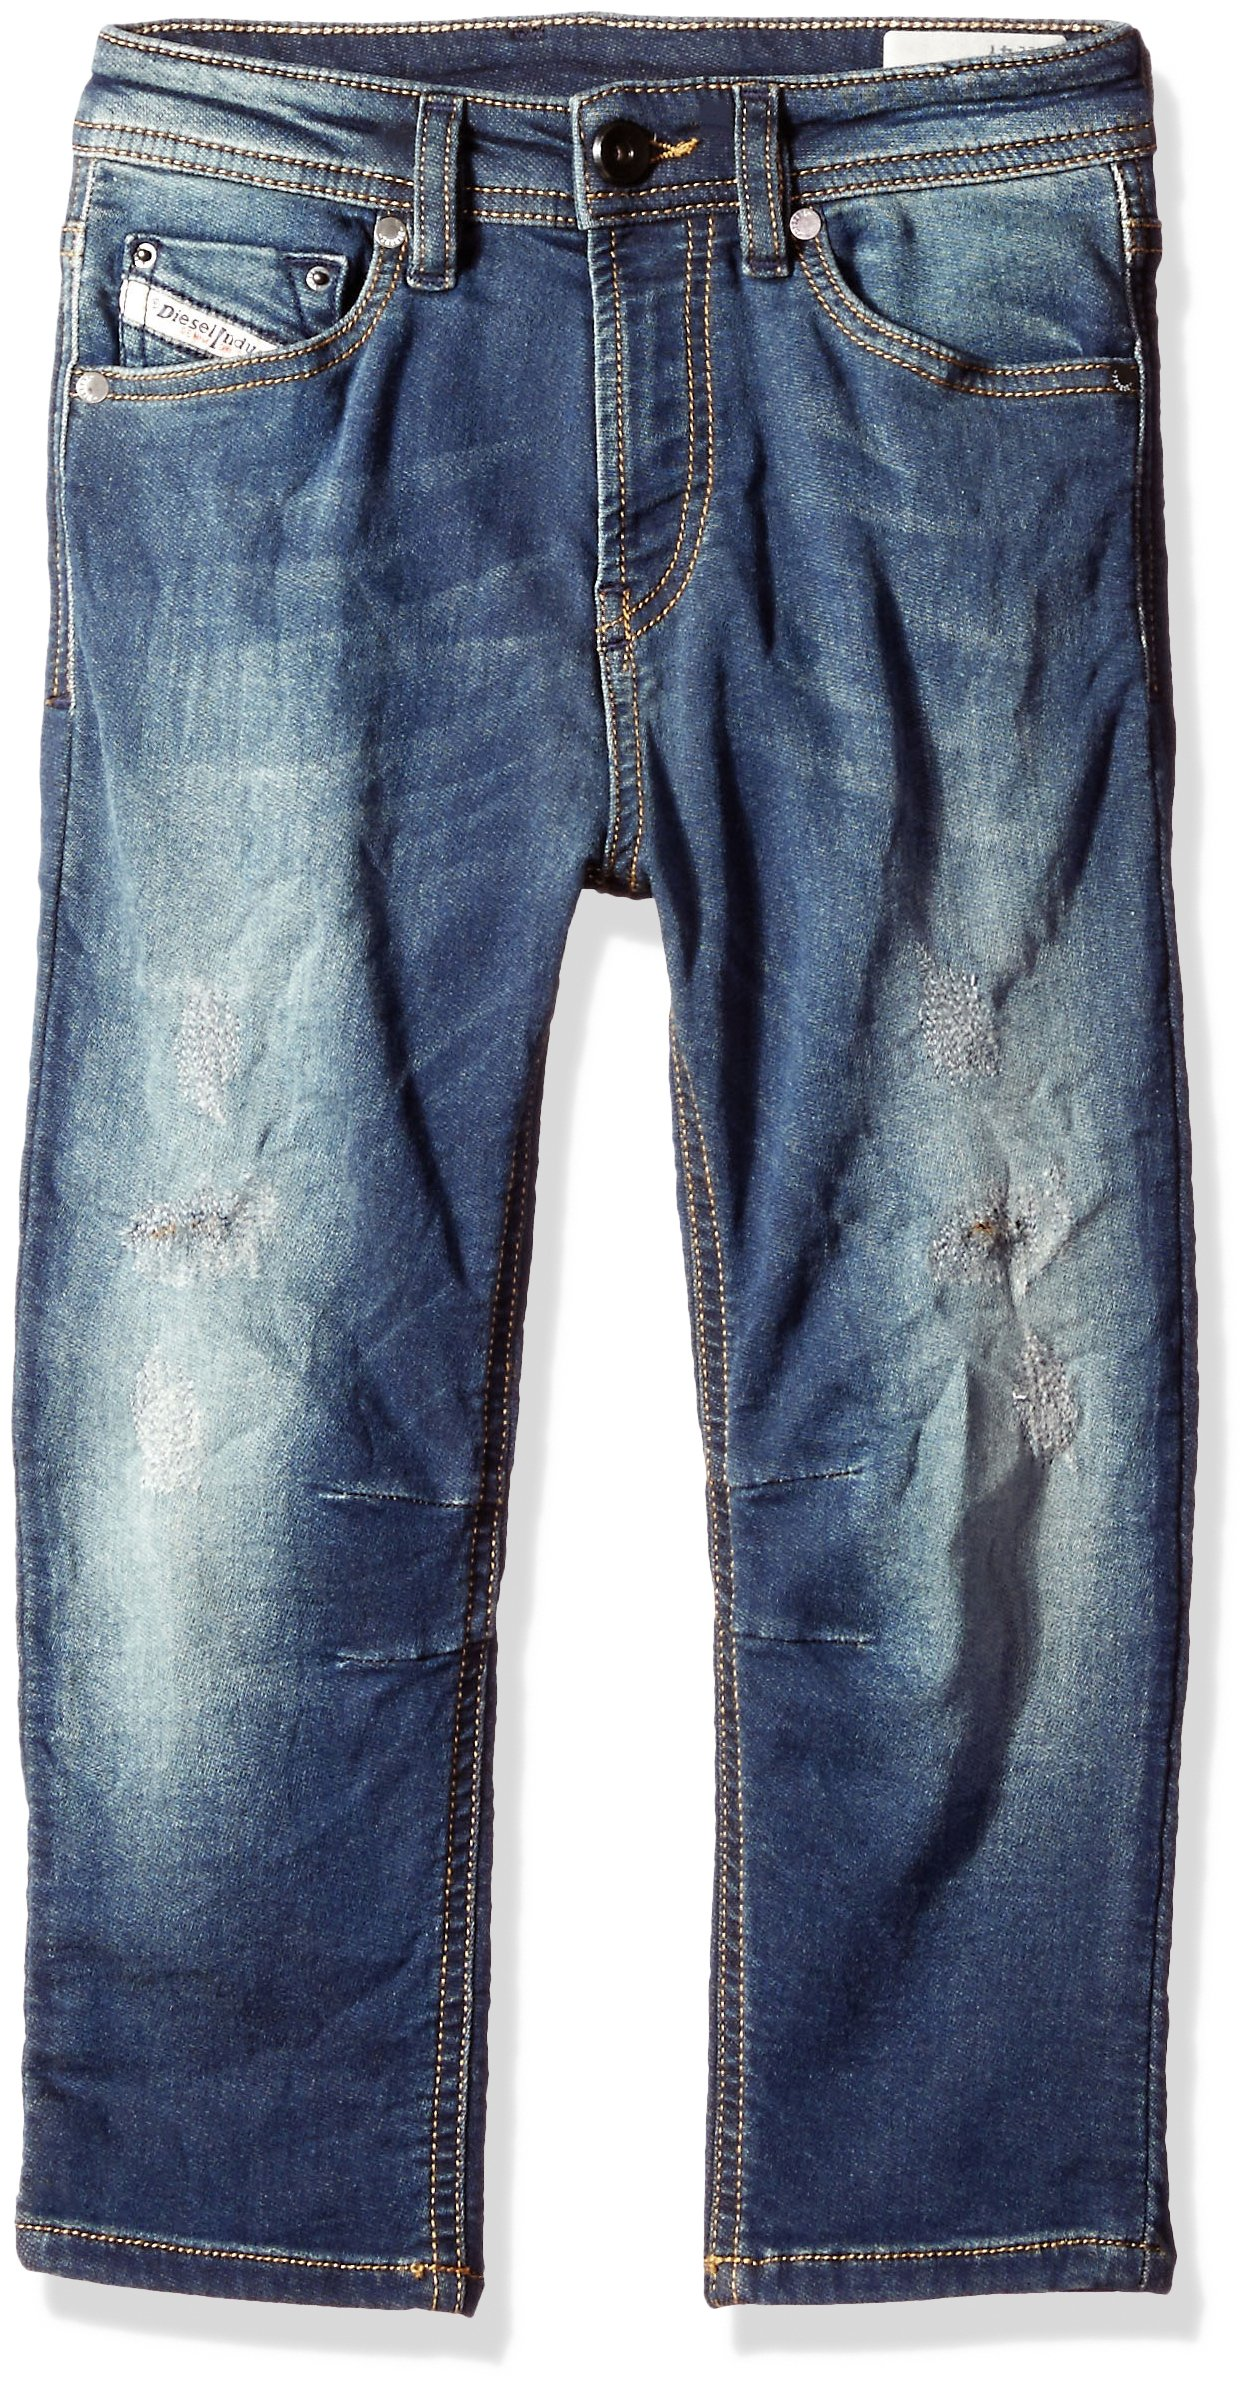 Diesel Big Boys' Narrot-R J S Regular Carrot Leg JoggJeans, Denim, 12